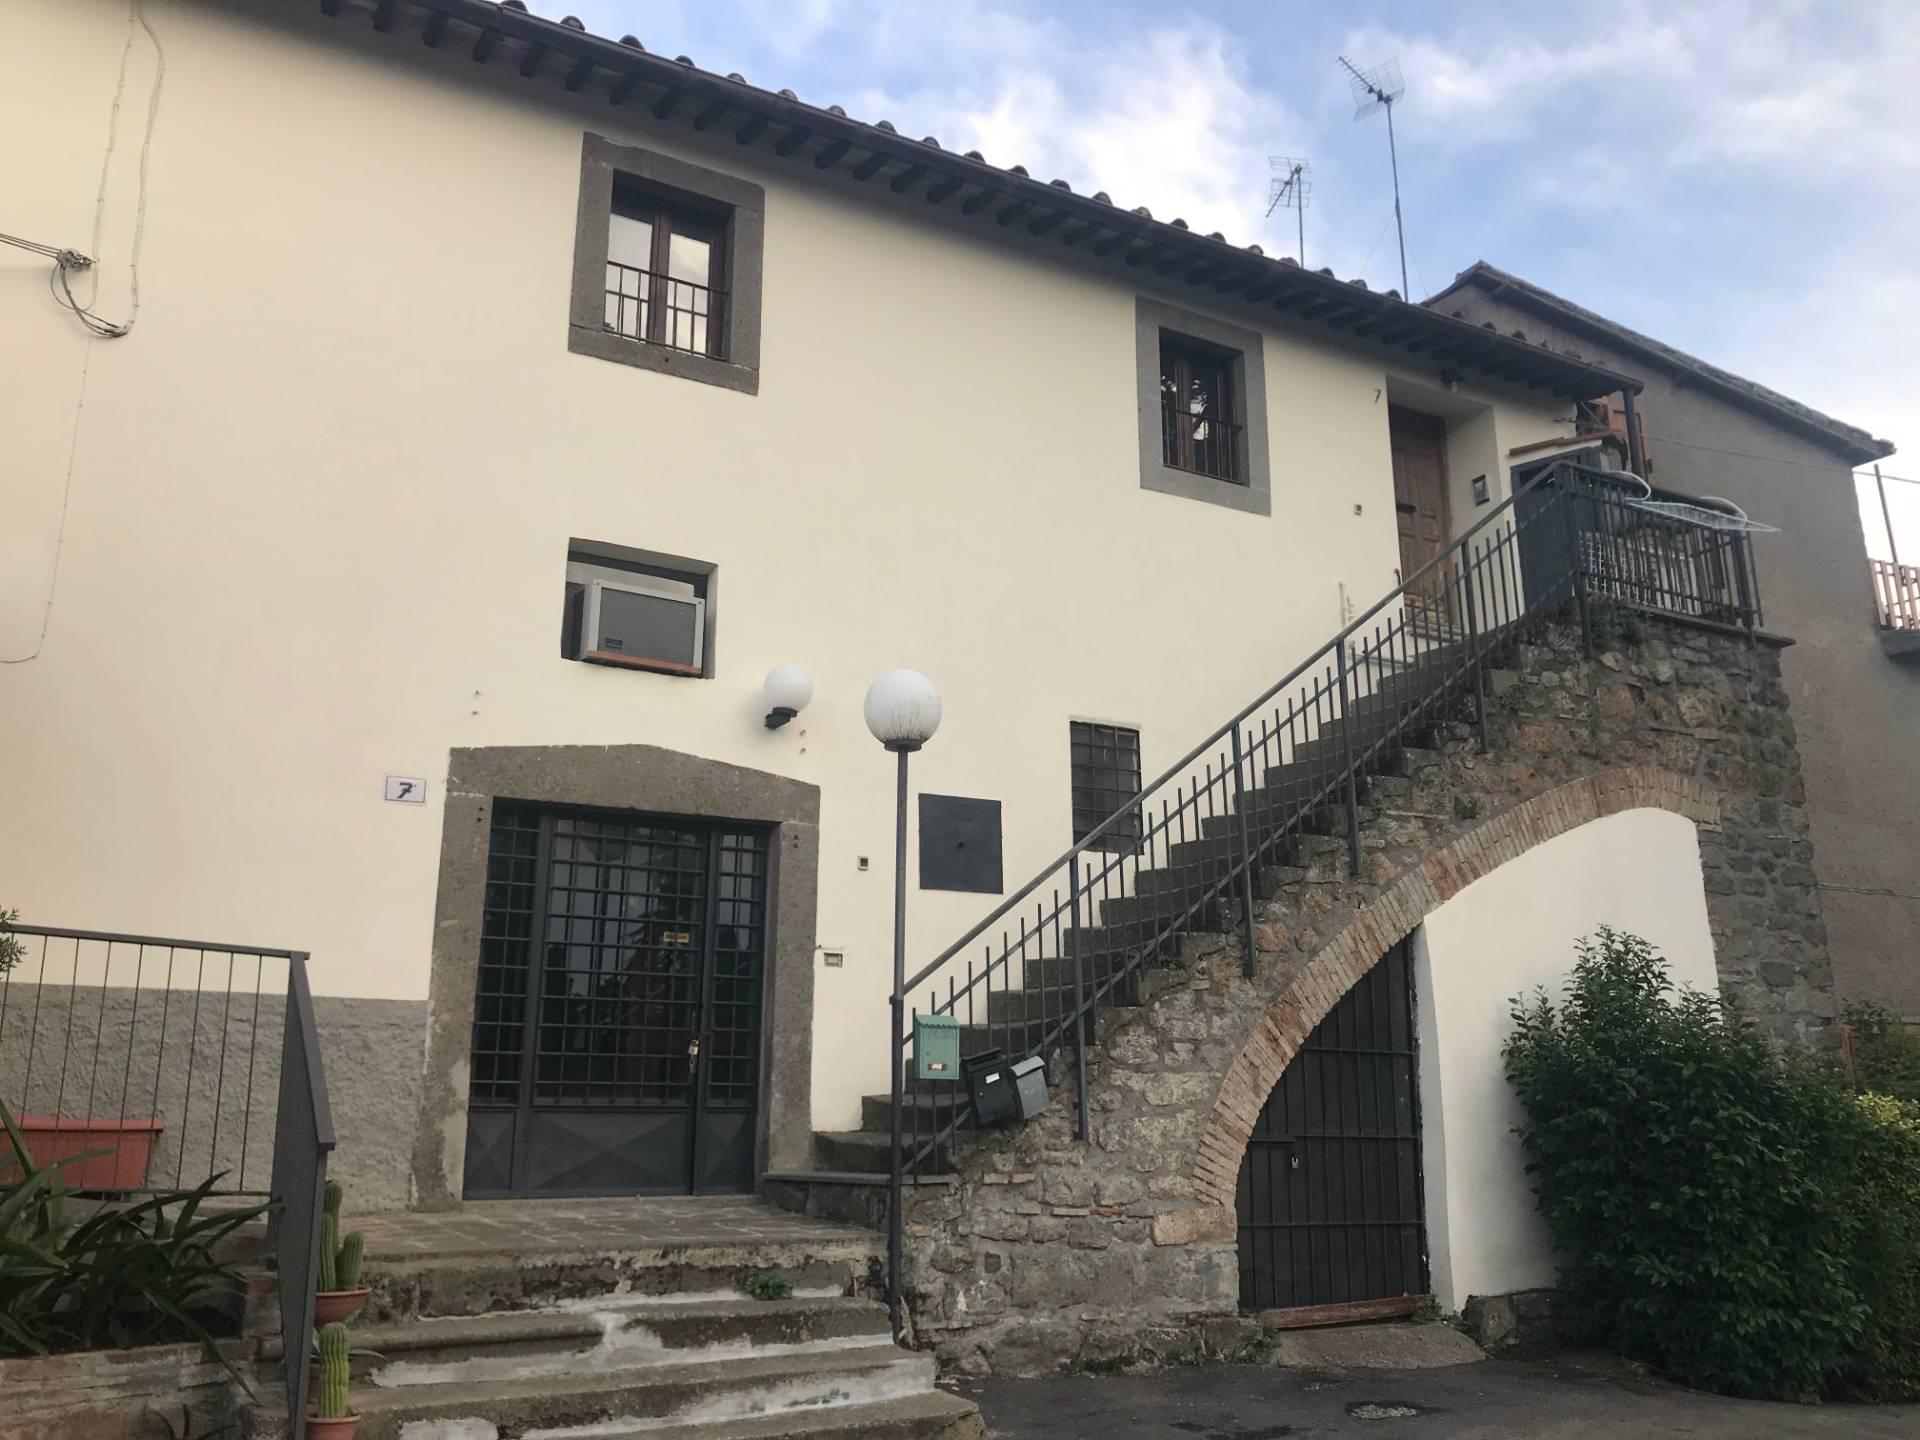 Appartamento in vendita a Viterbo, 3 locali, zona Zona: Periferia, prezzo € 49.000   CambioCasa.it